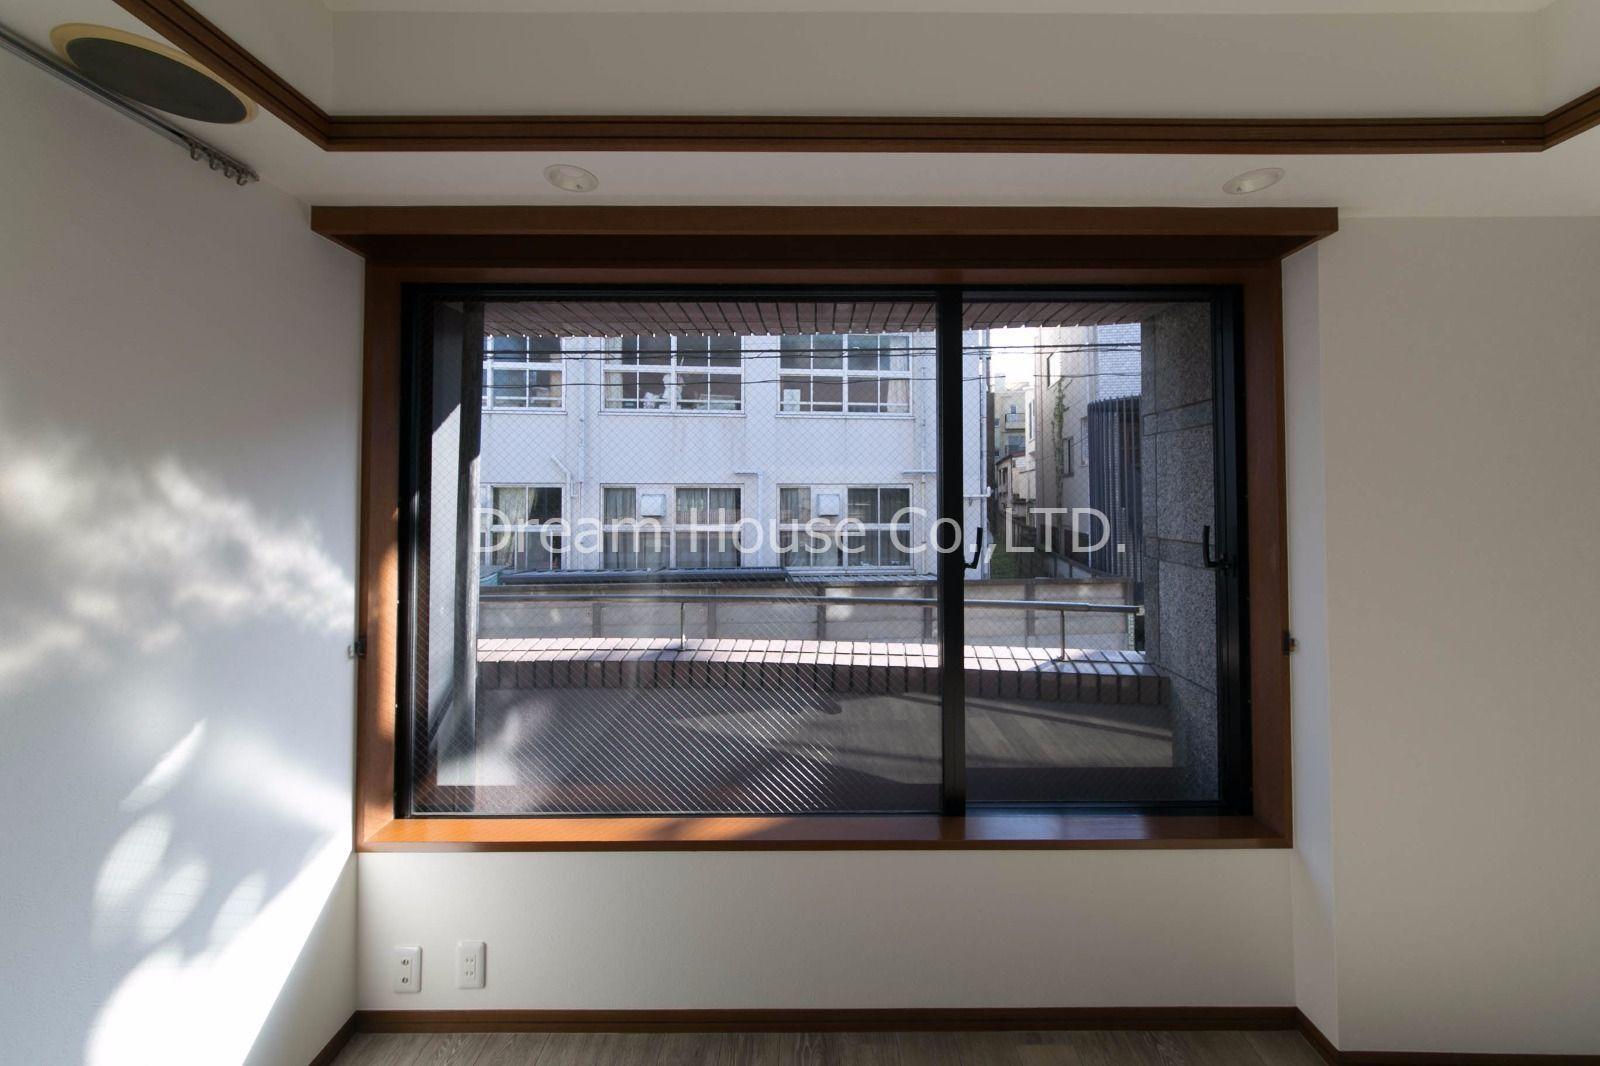 ワイドな窓が広がるリビングルームです